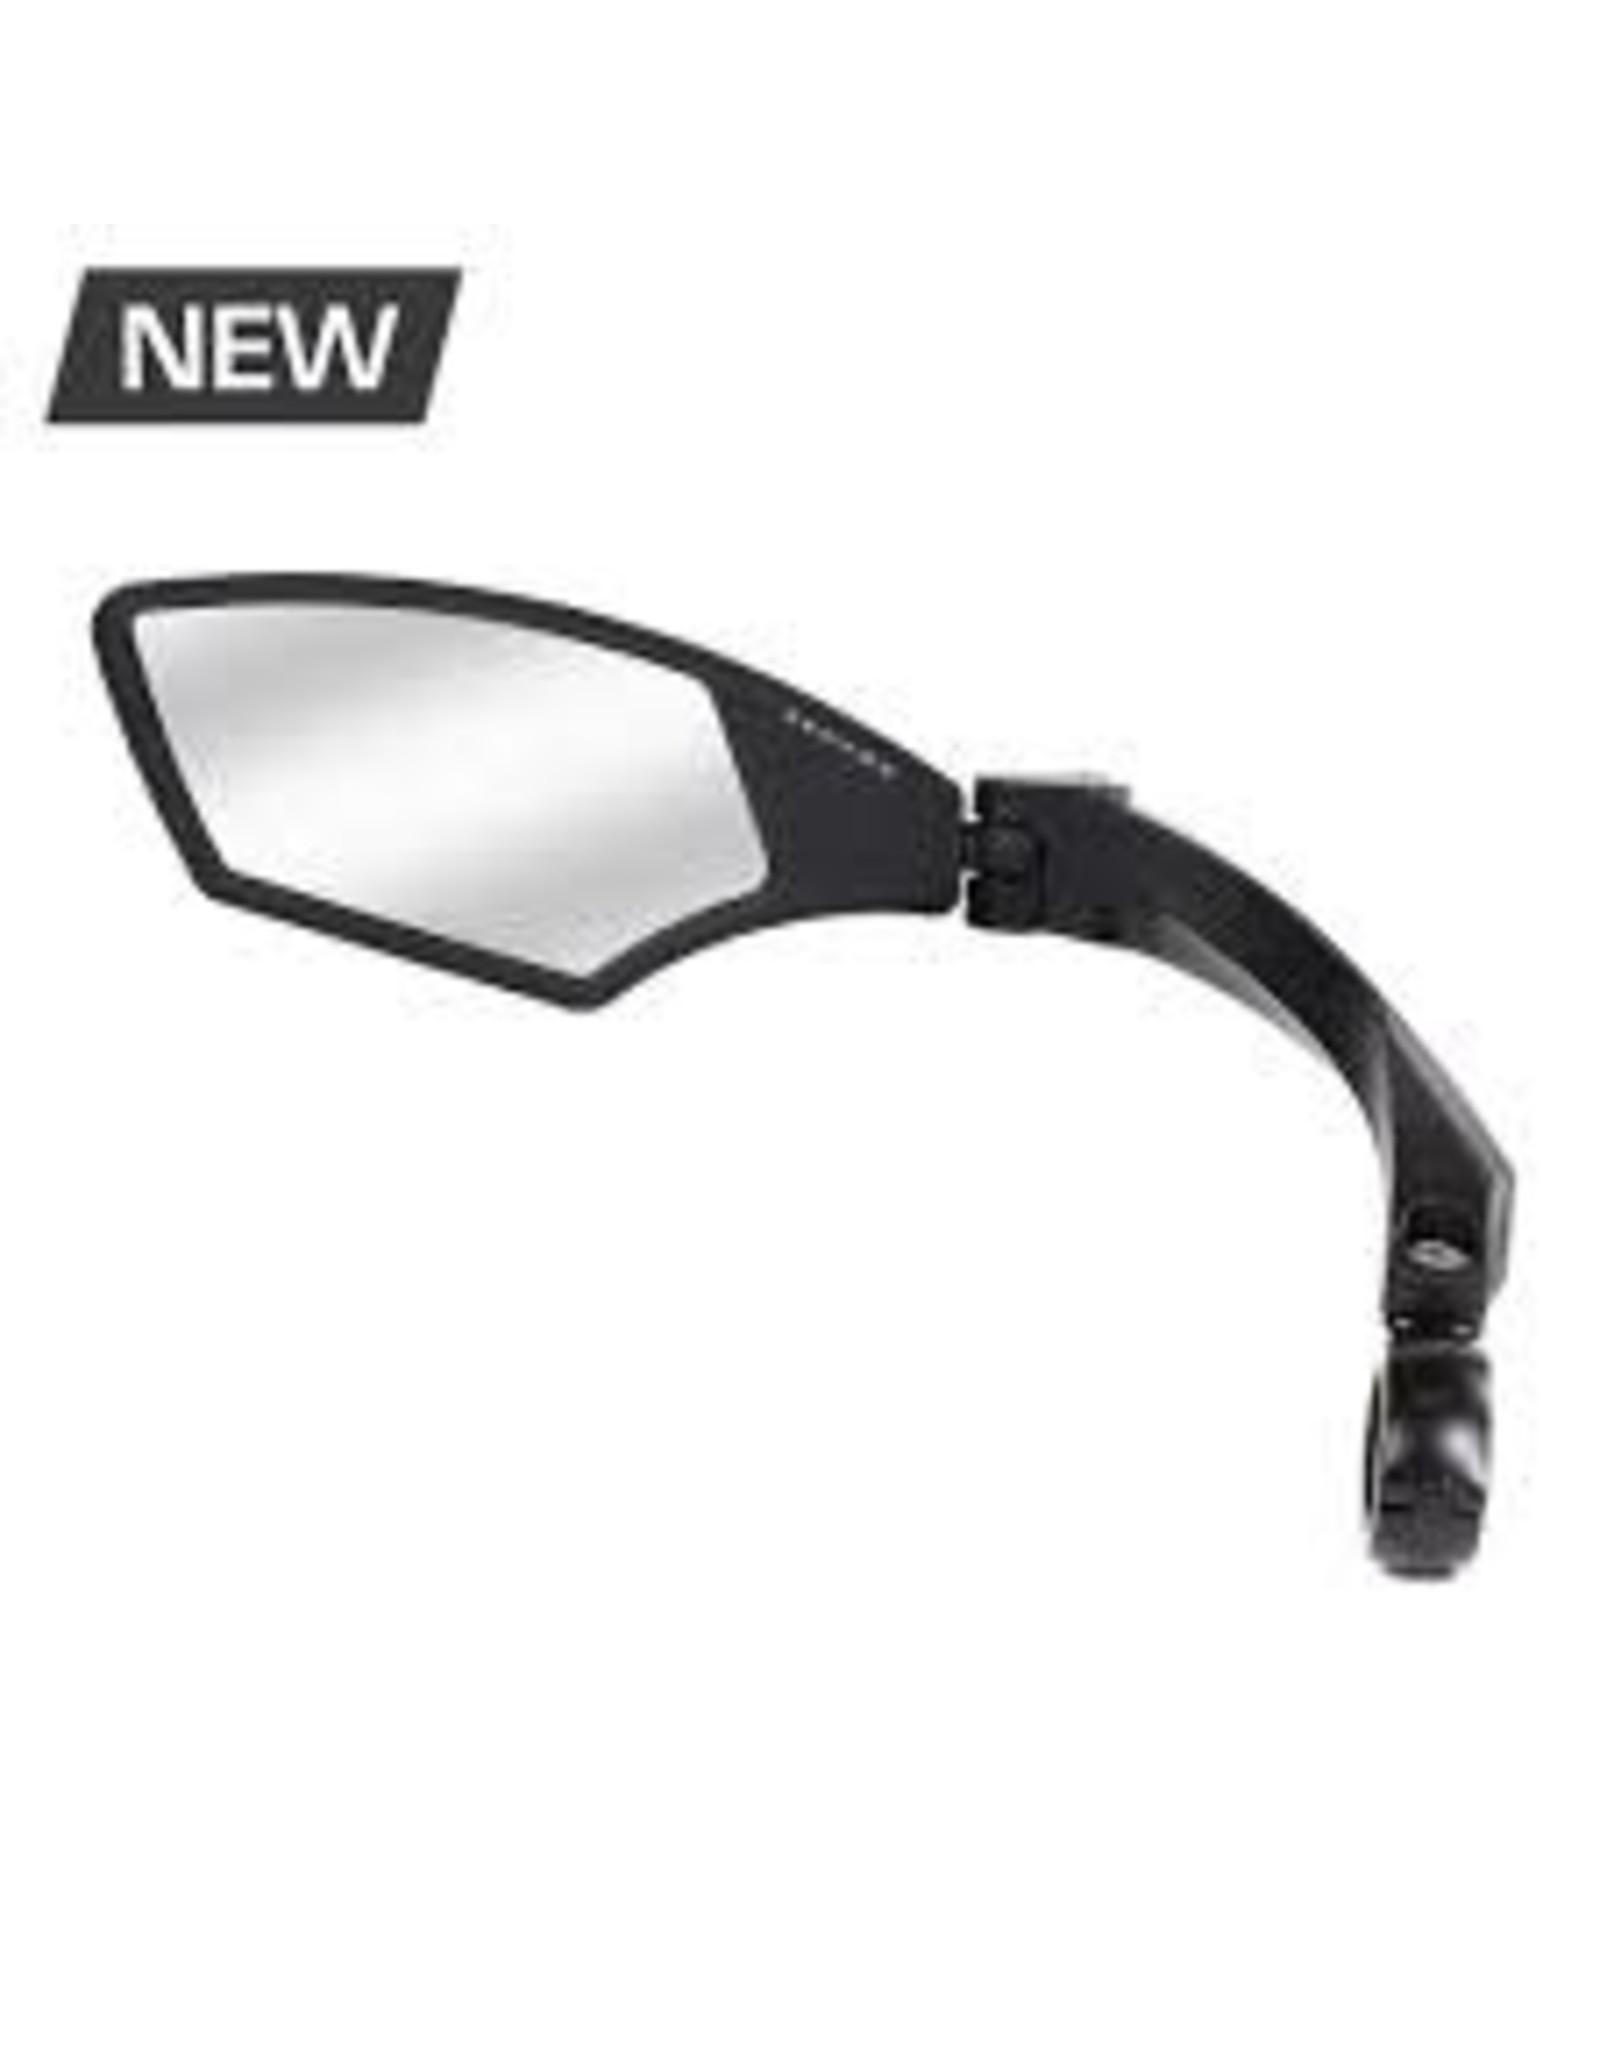 Mirror Serfas Handlebar Left Glass Lens